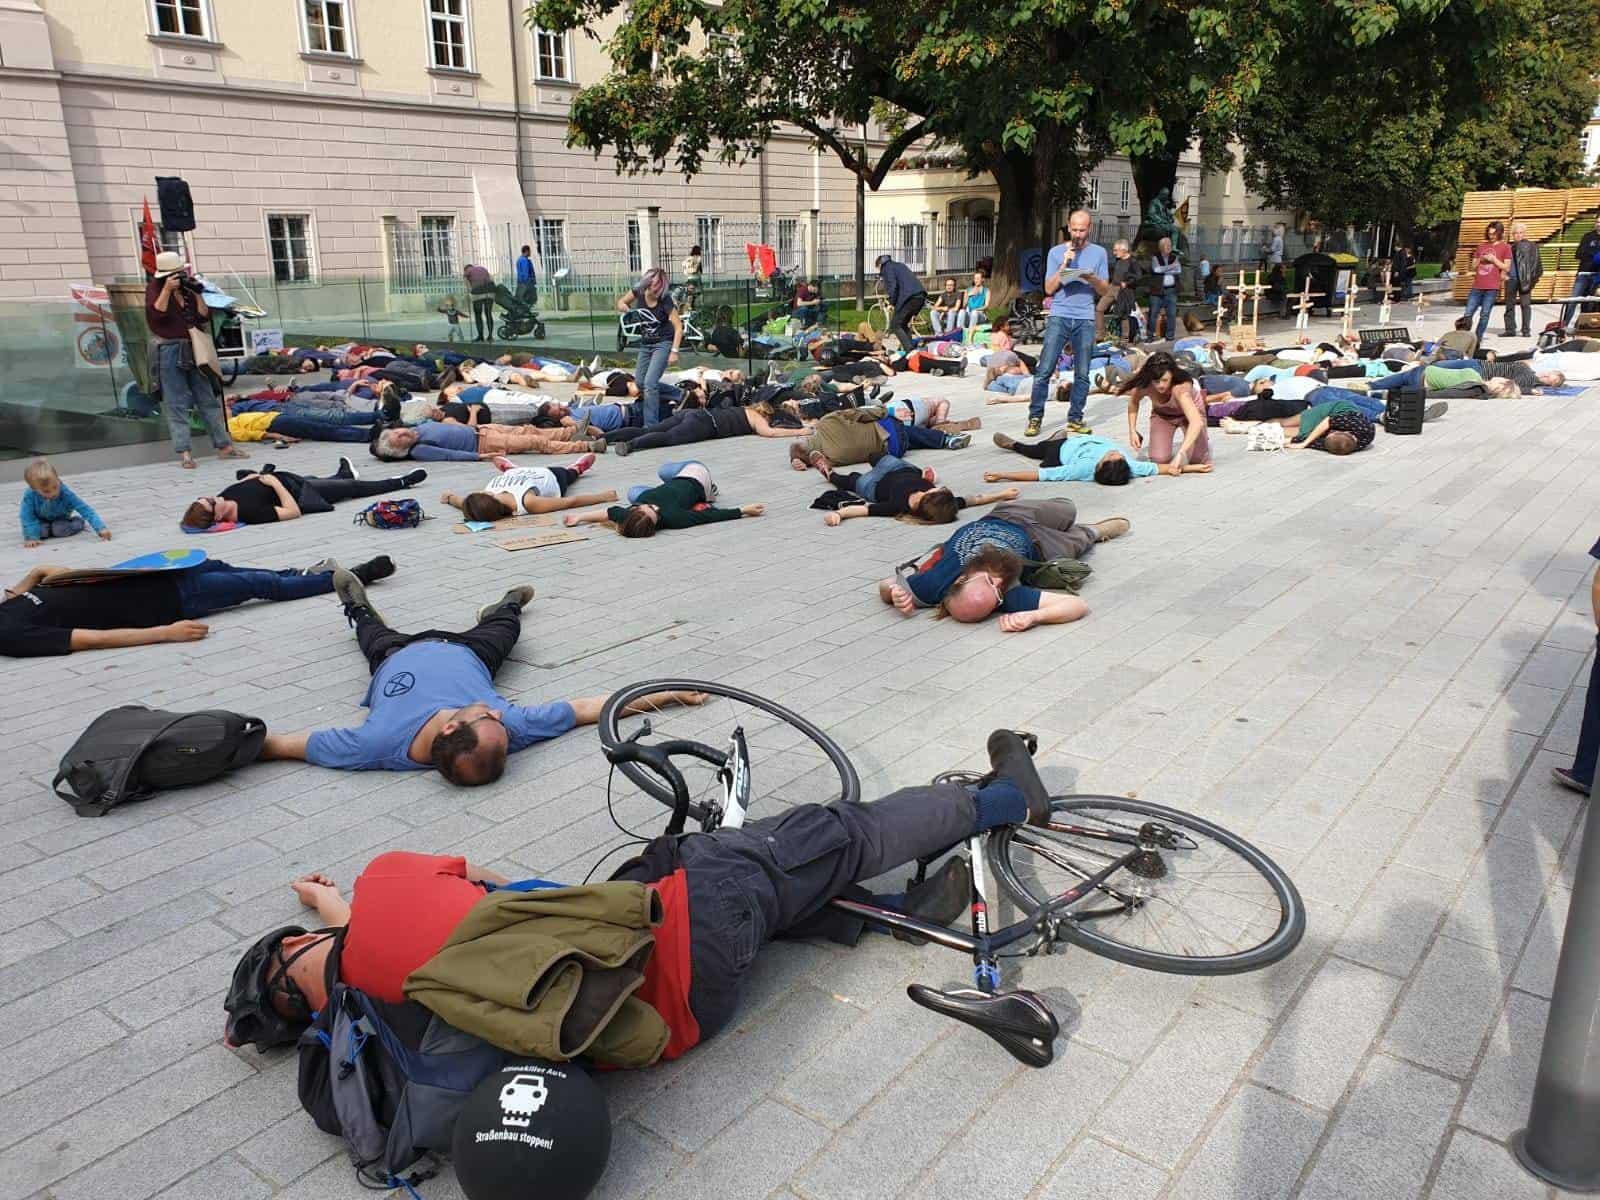 AktivistInnen und SympatisantInnen von XR Oberösterreich liegen vor dem Landhaus am Boden. Ein Aktivist hält eine Rede. Das Die in symbolisiert das Artensterben und die Bedrohung durch die Klimakrise